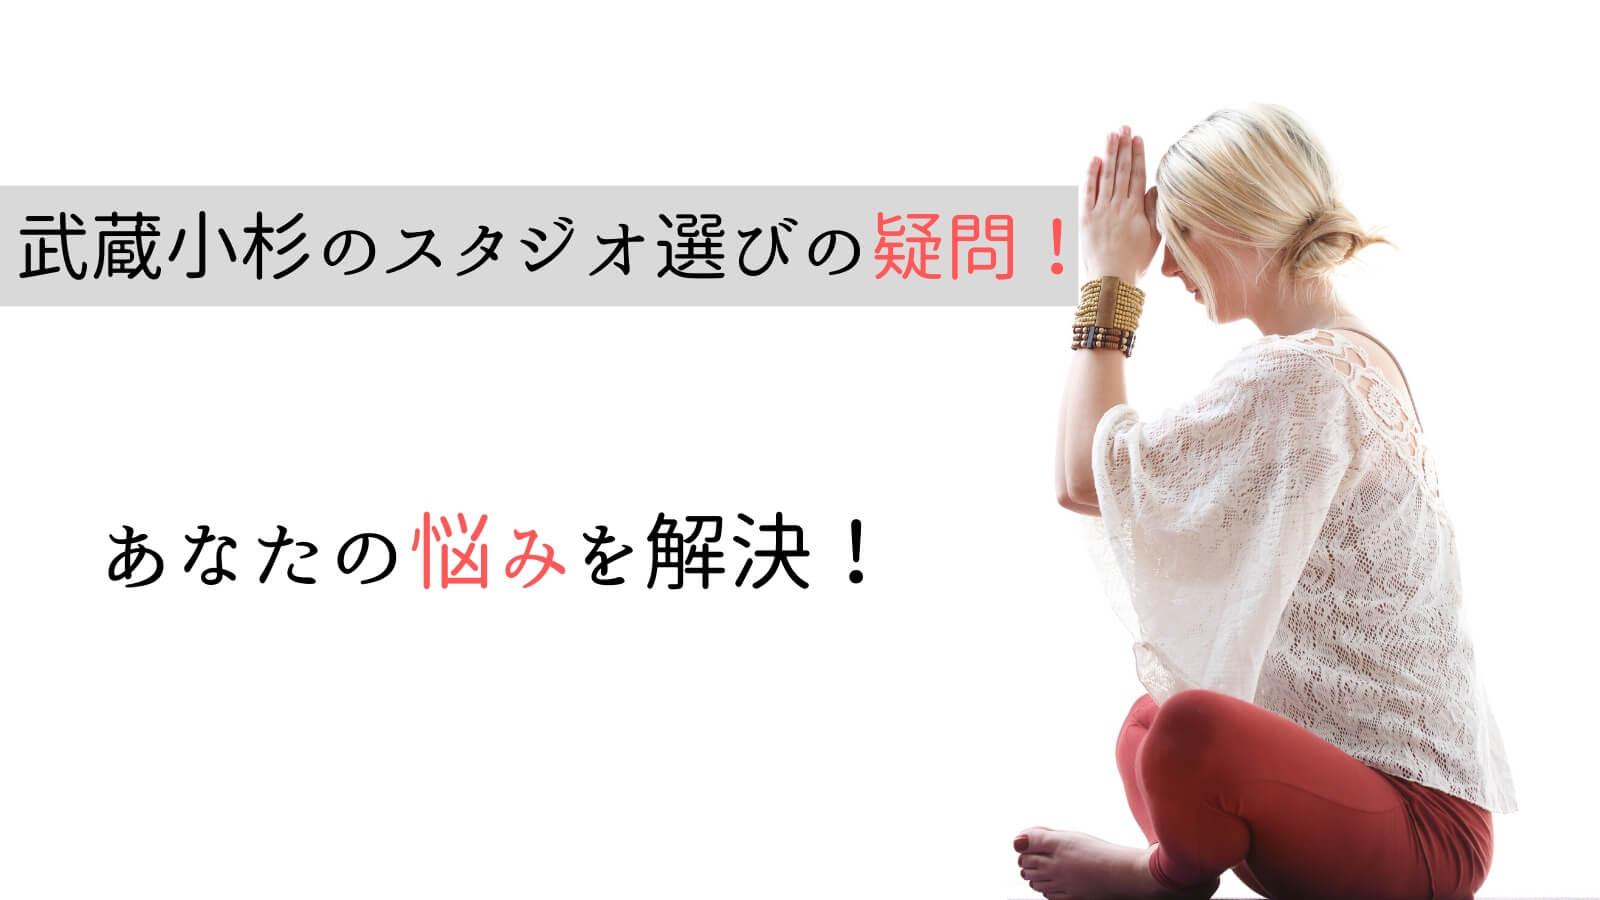 武蔵小杉でのヨガ・ピラティススタジオ選びに関するQ&A